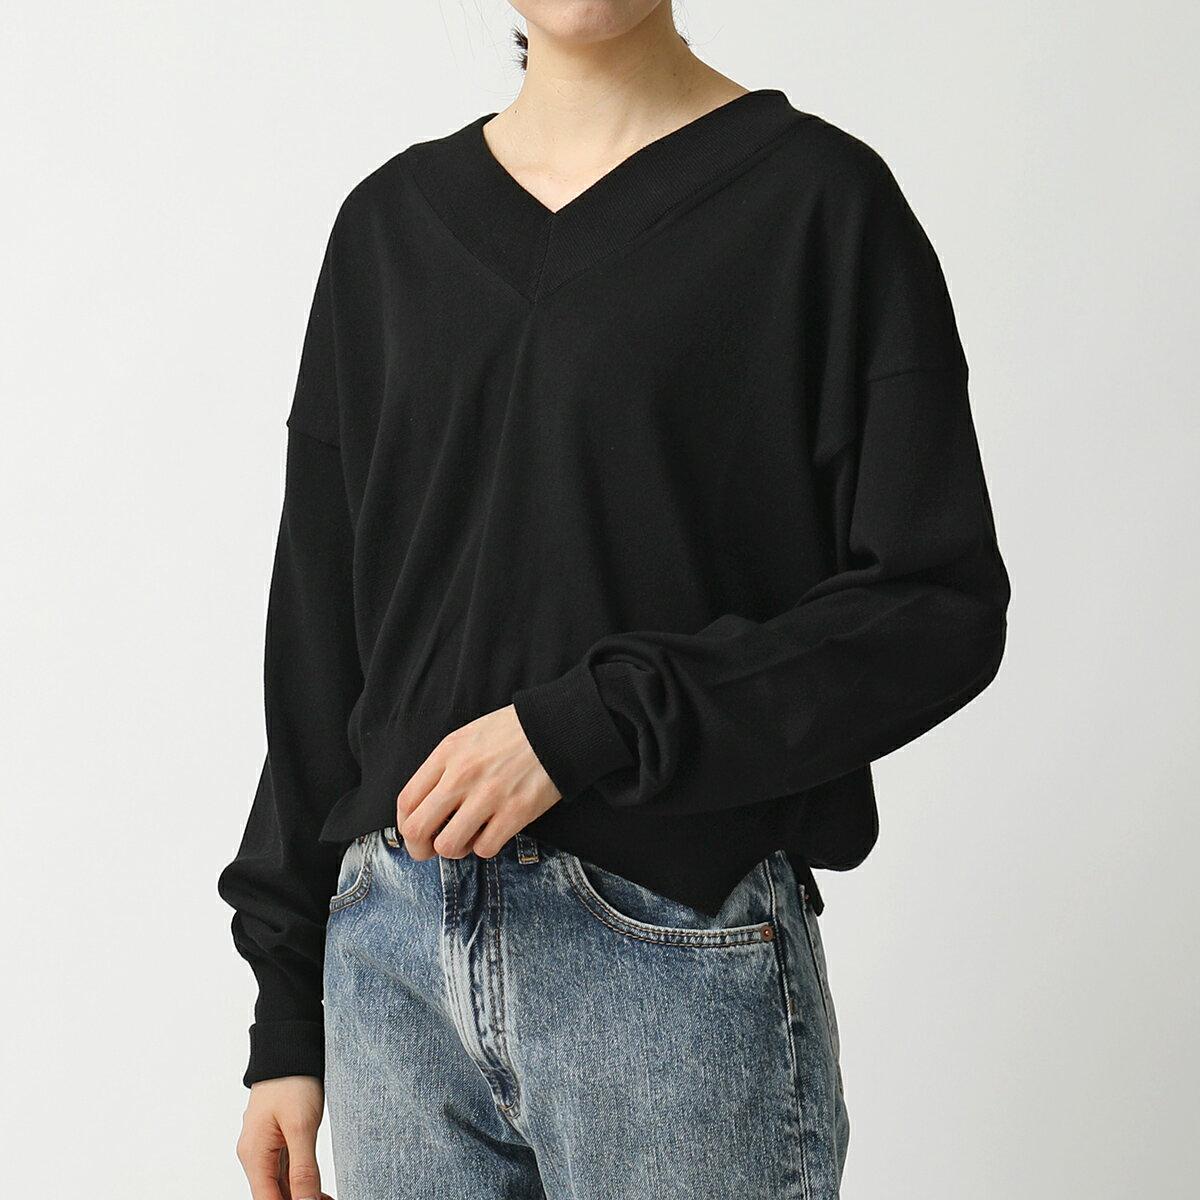 ニット・セーター, セーター MAISON MARGIELA S51HA1042 S17250 V 900